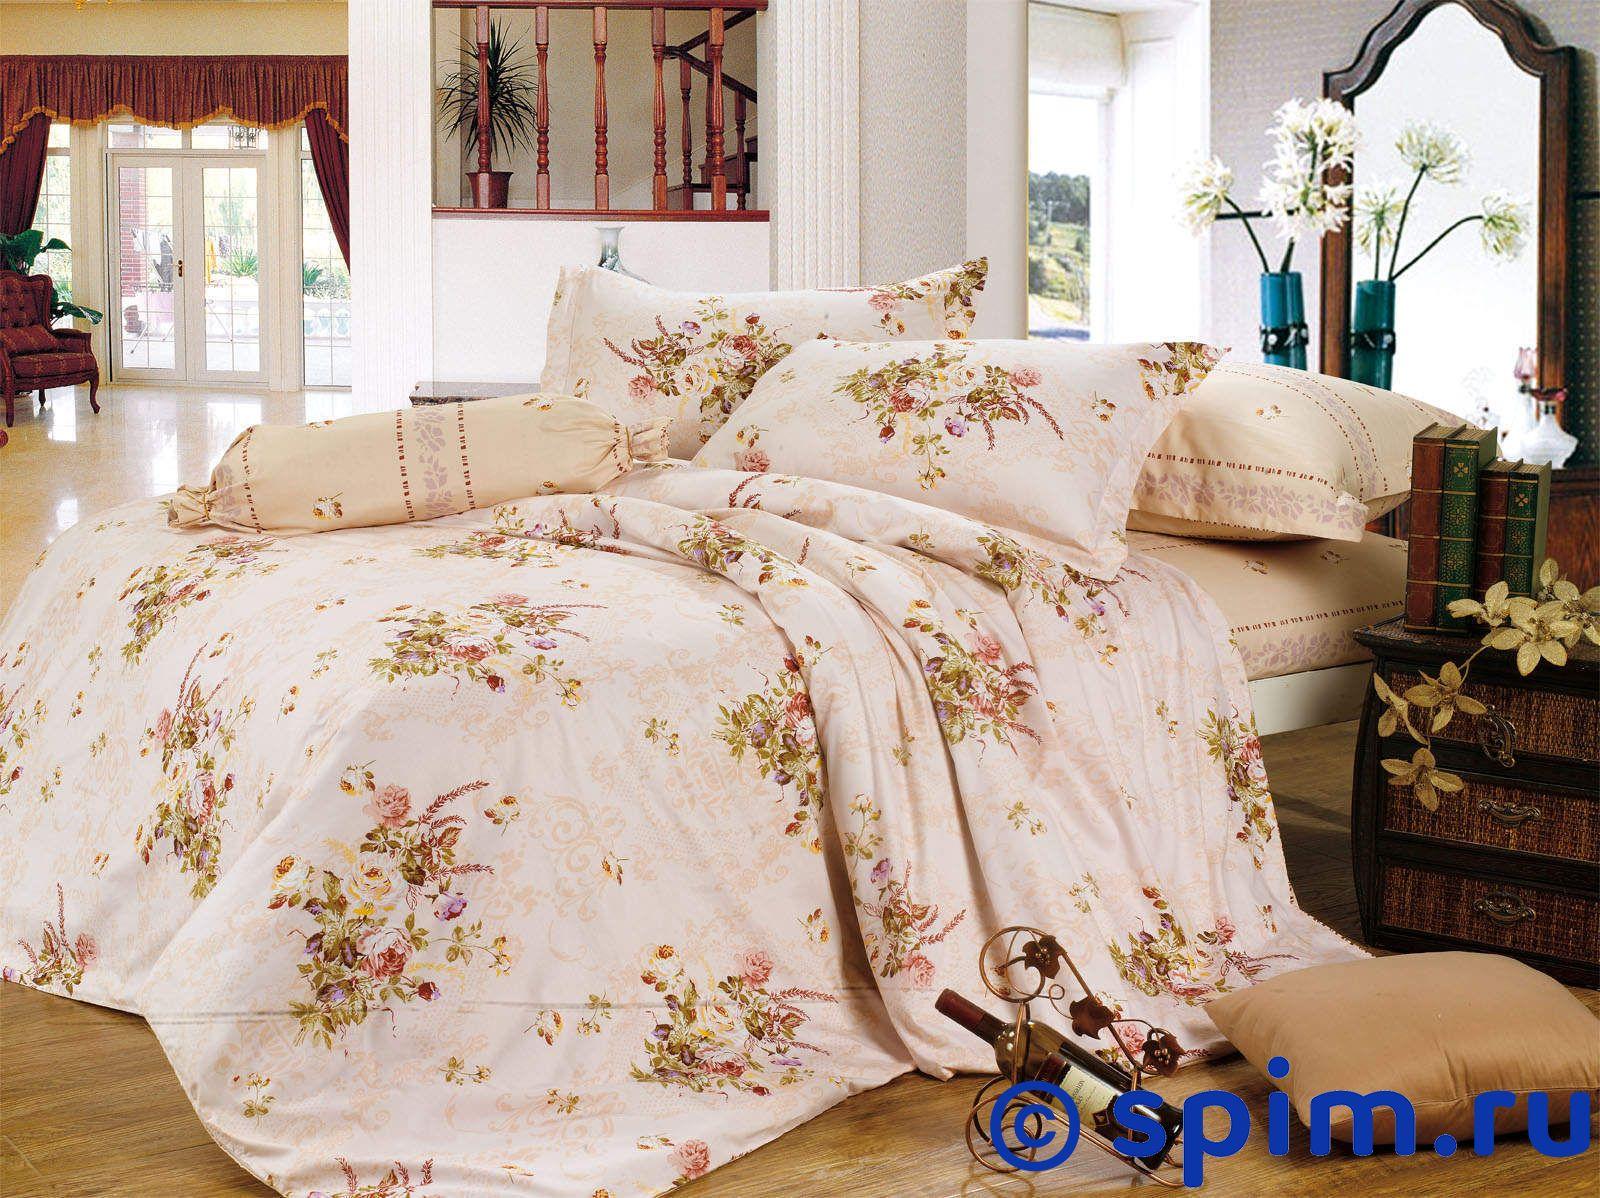 Комплект СайлиД В93 1.5 спальное